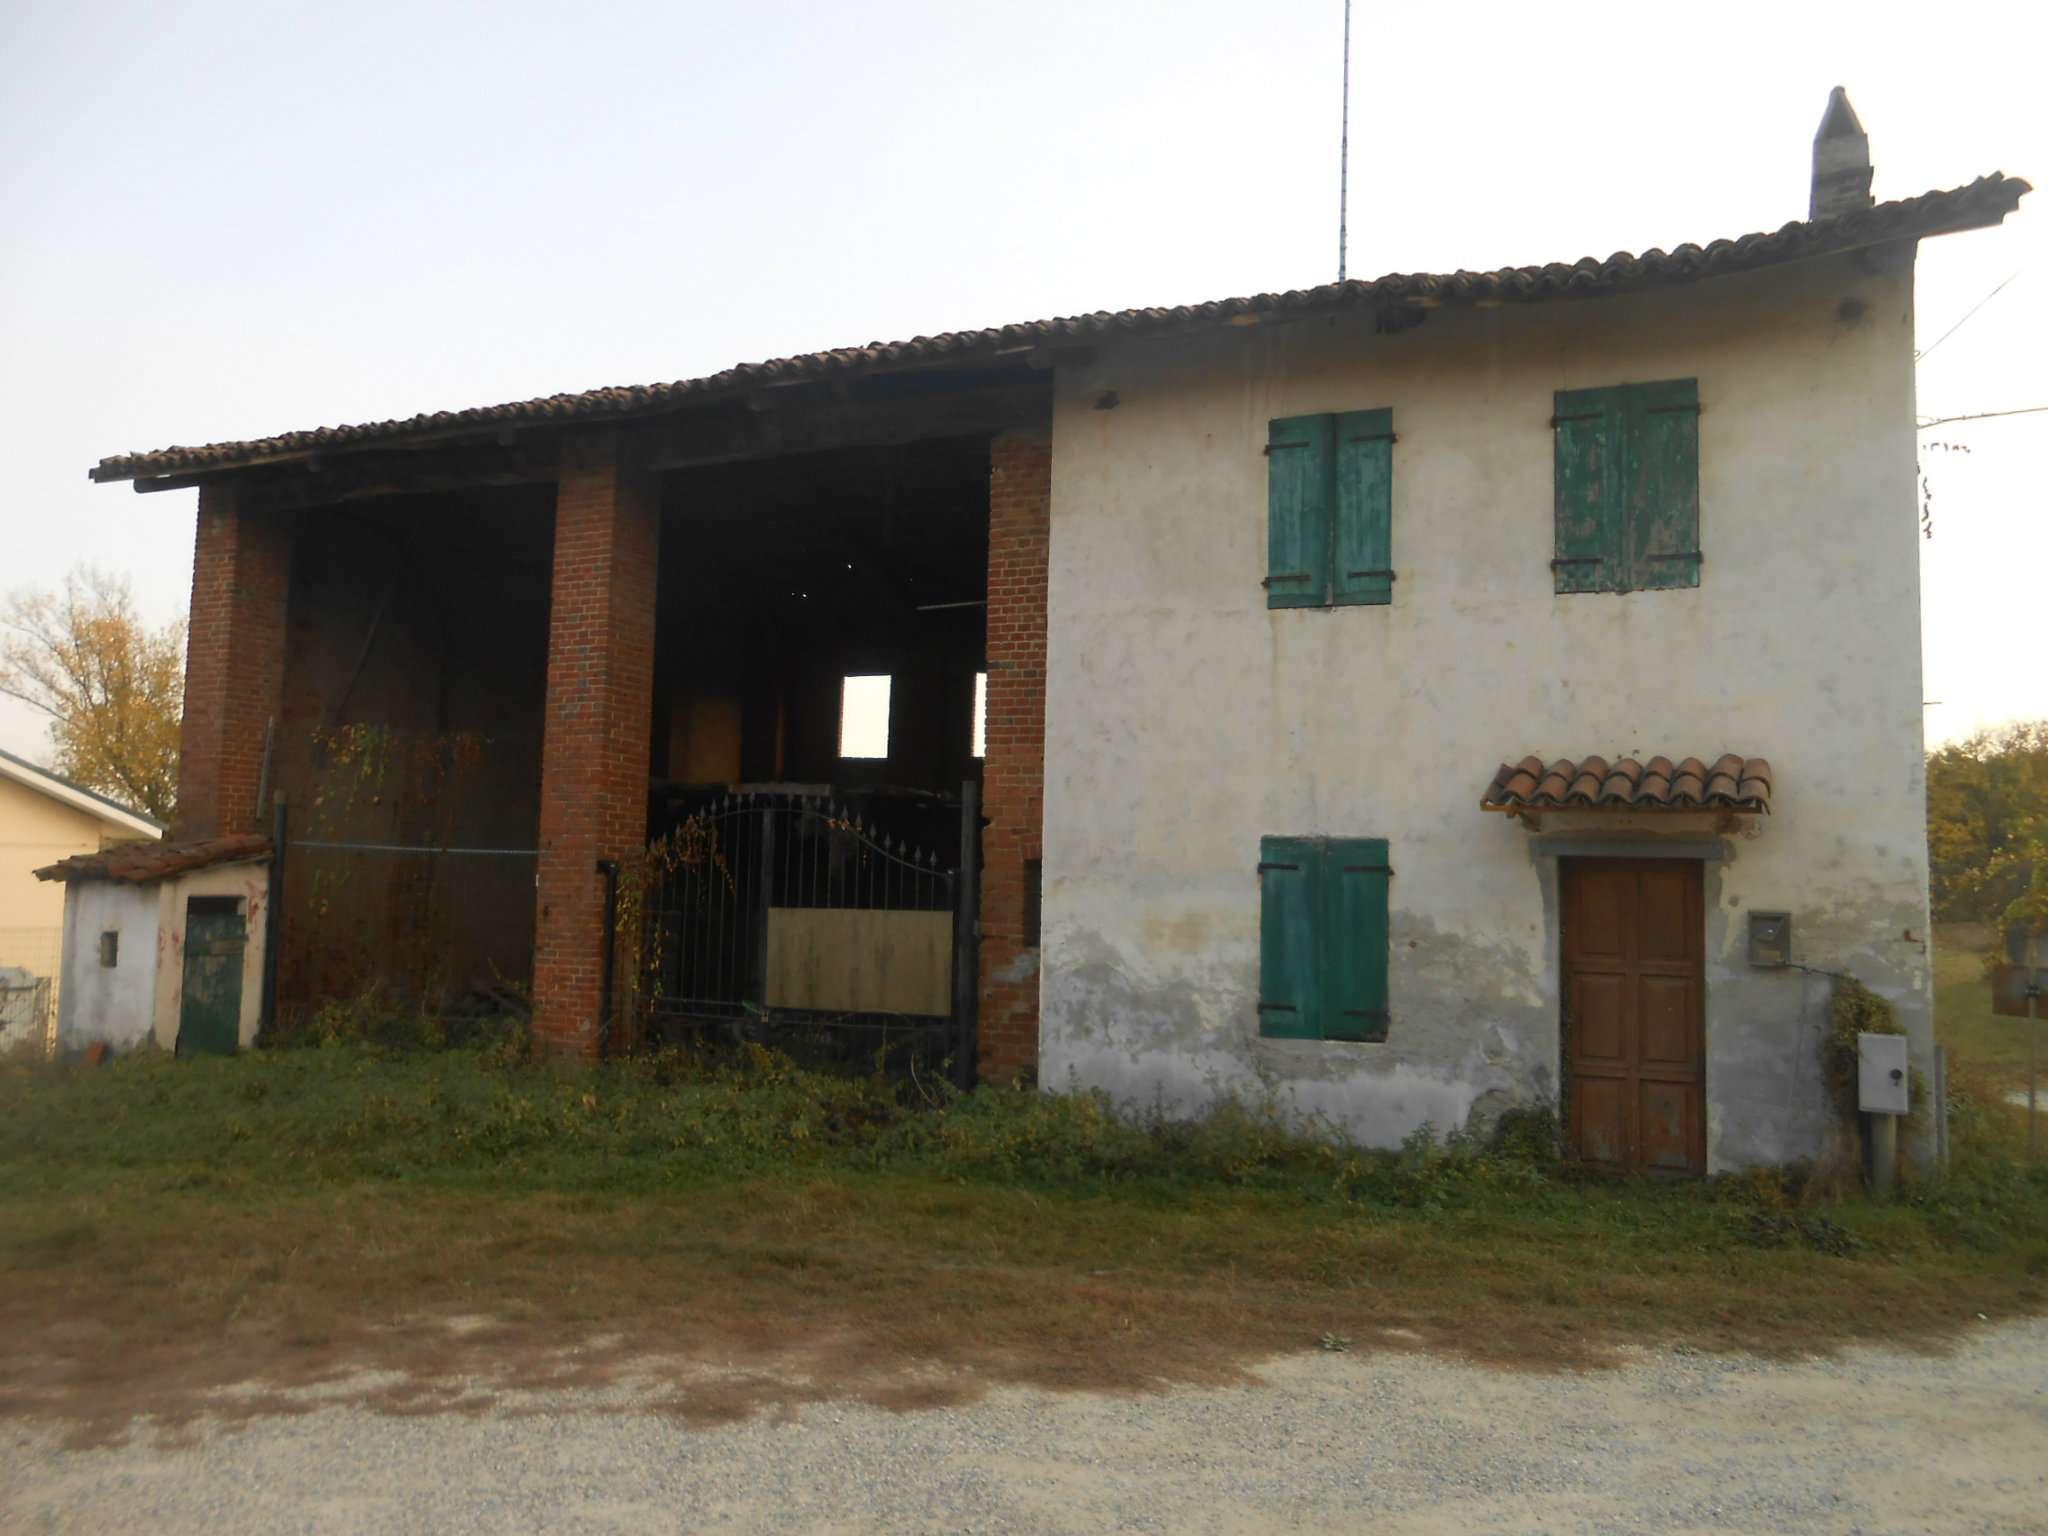 Rustico / Casale in vendita a Chieri, 6 locali, prezzo € 115.000 | CambioCasa.it